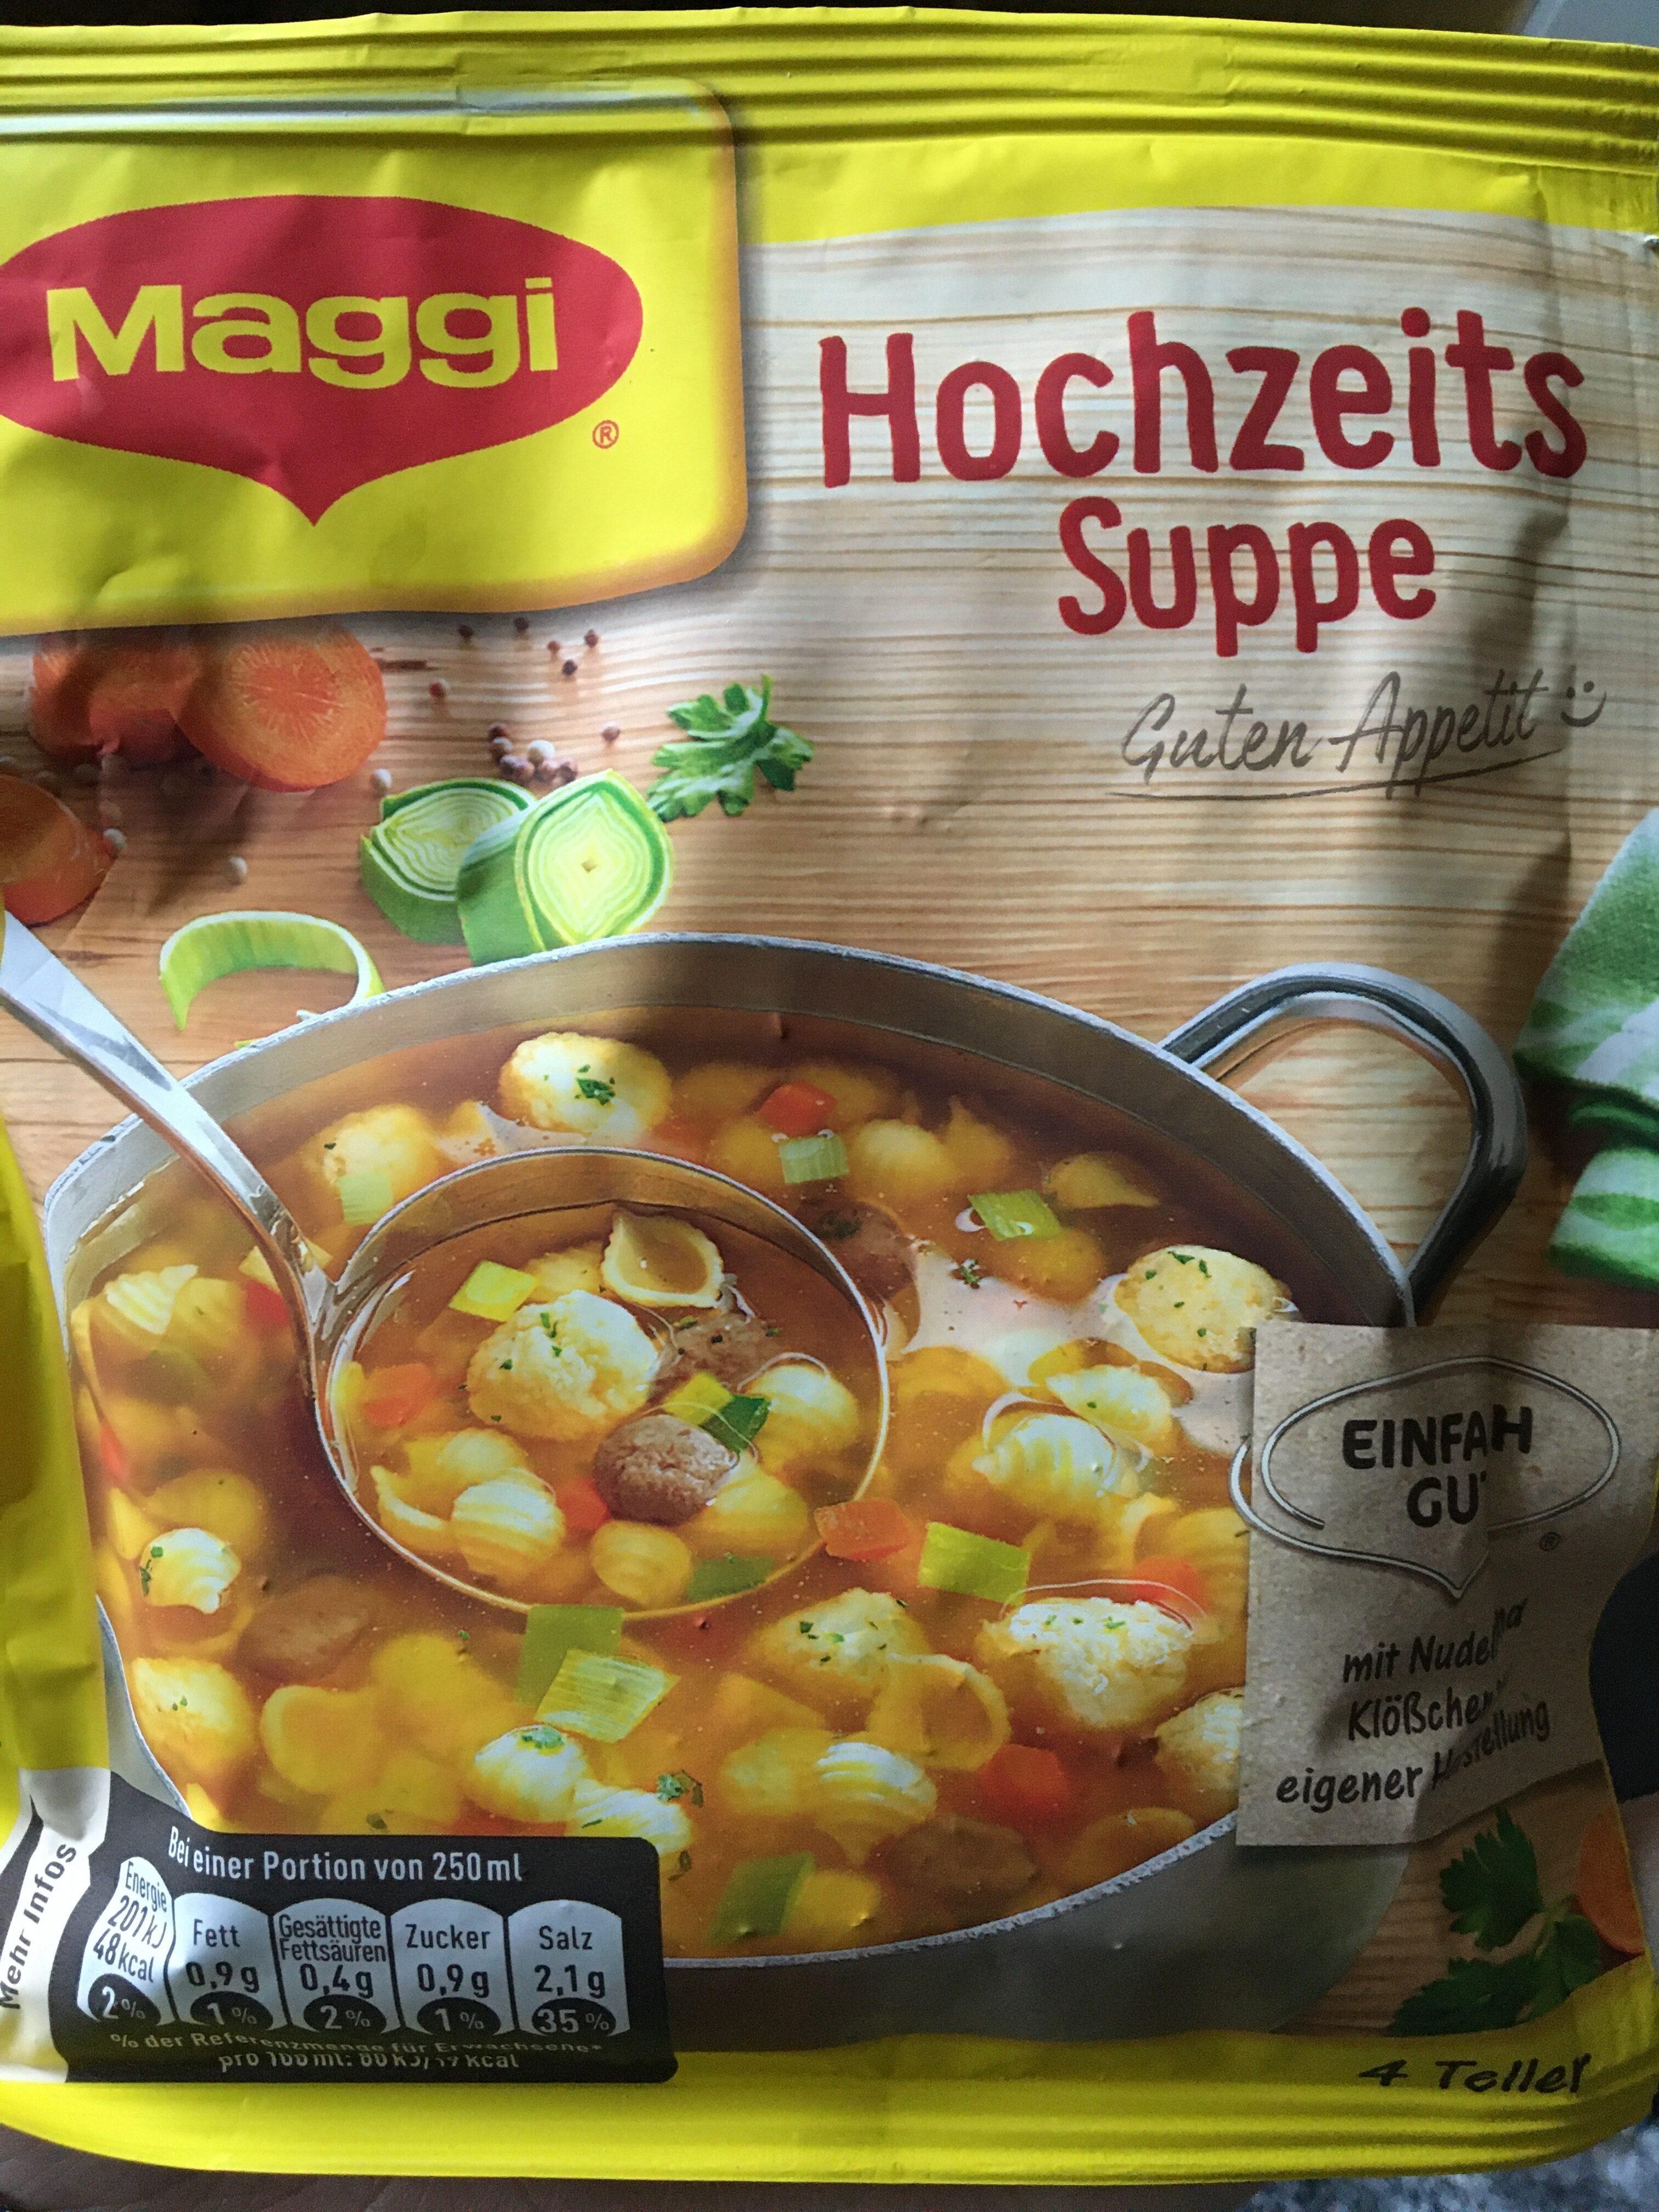 Hochzeit Suppe - Produkt - de